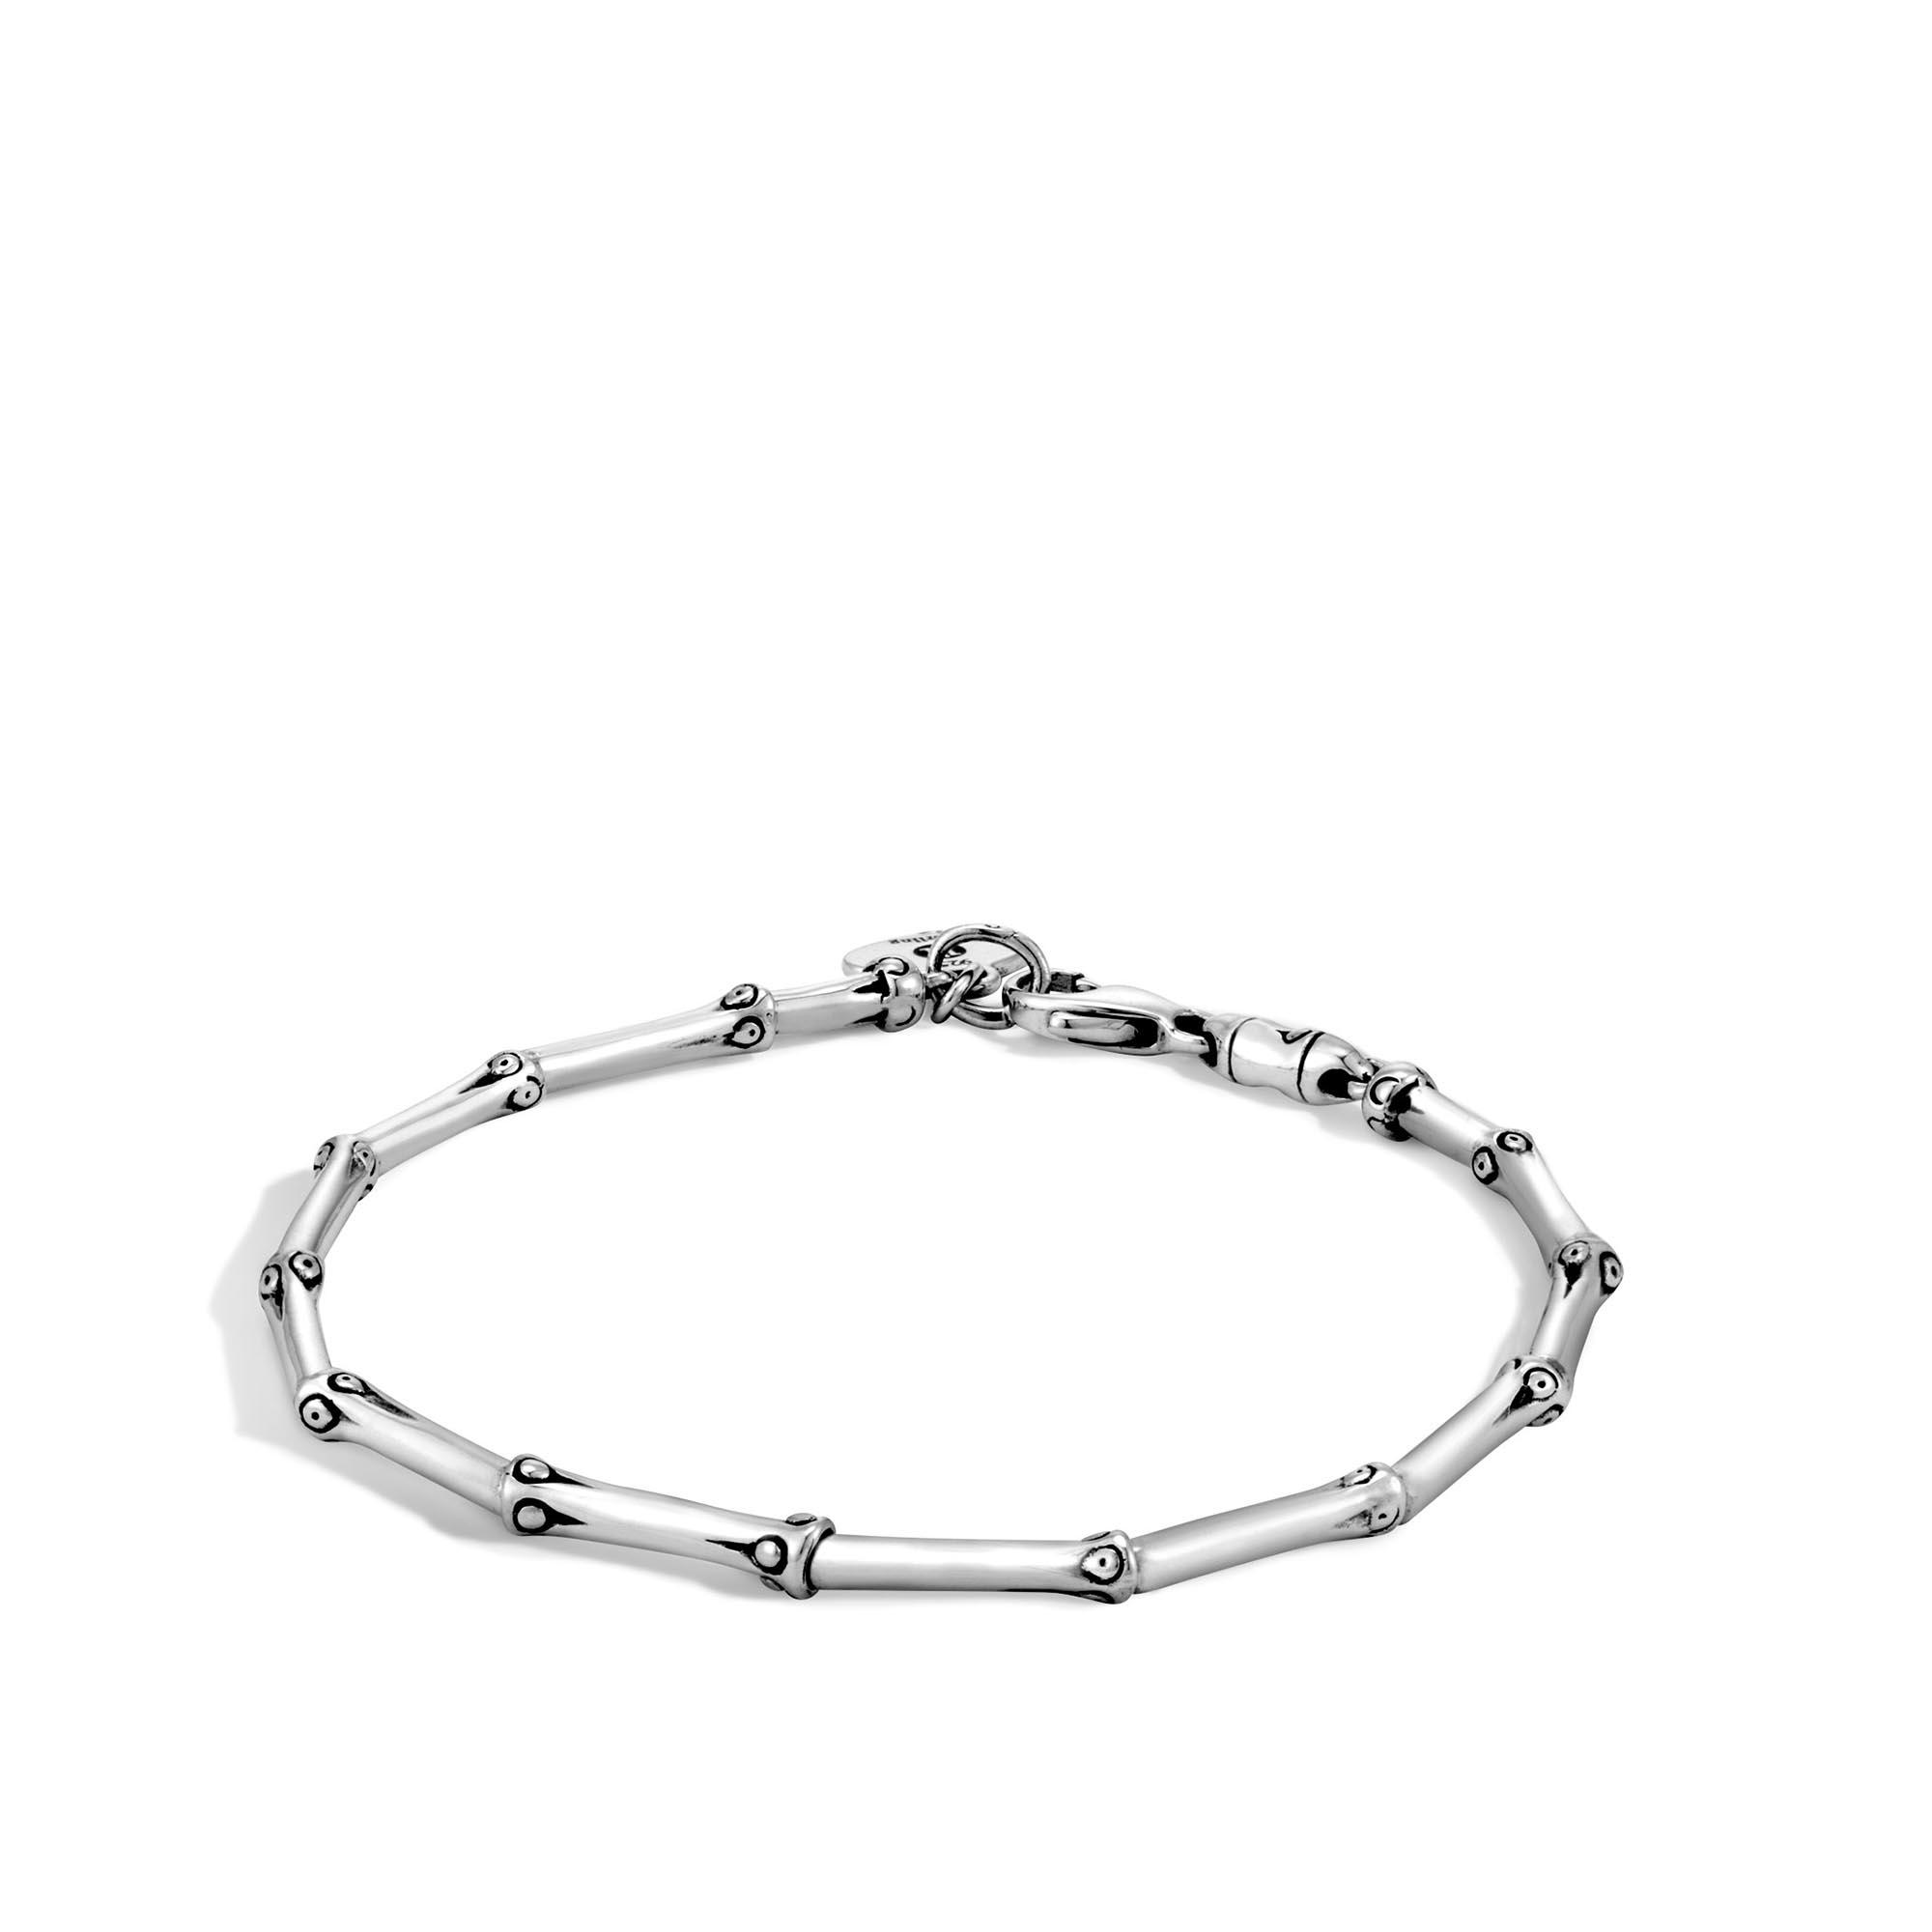 John Hardy: Sterling Silver Bamboo 2.5mm Link Bracelet Length: Med